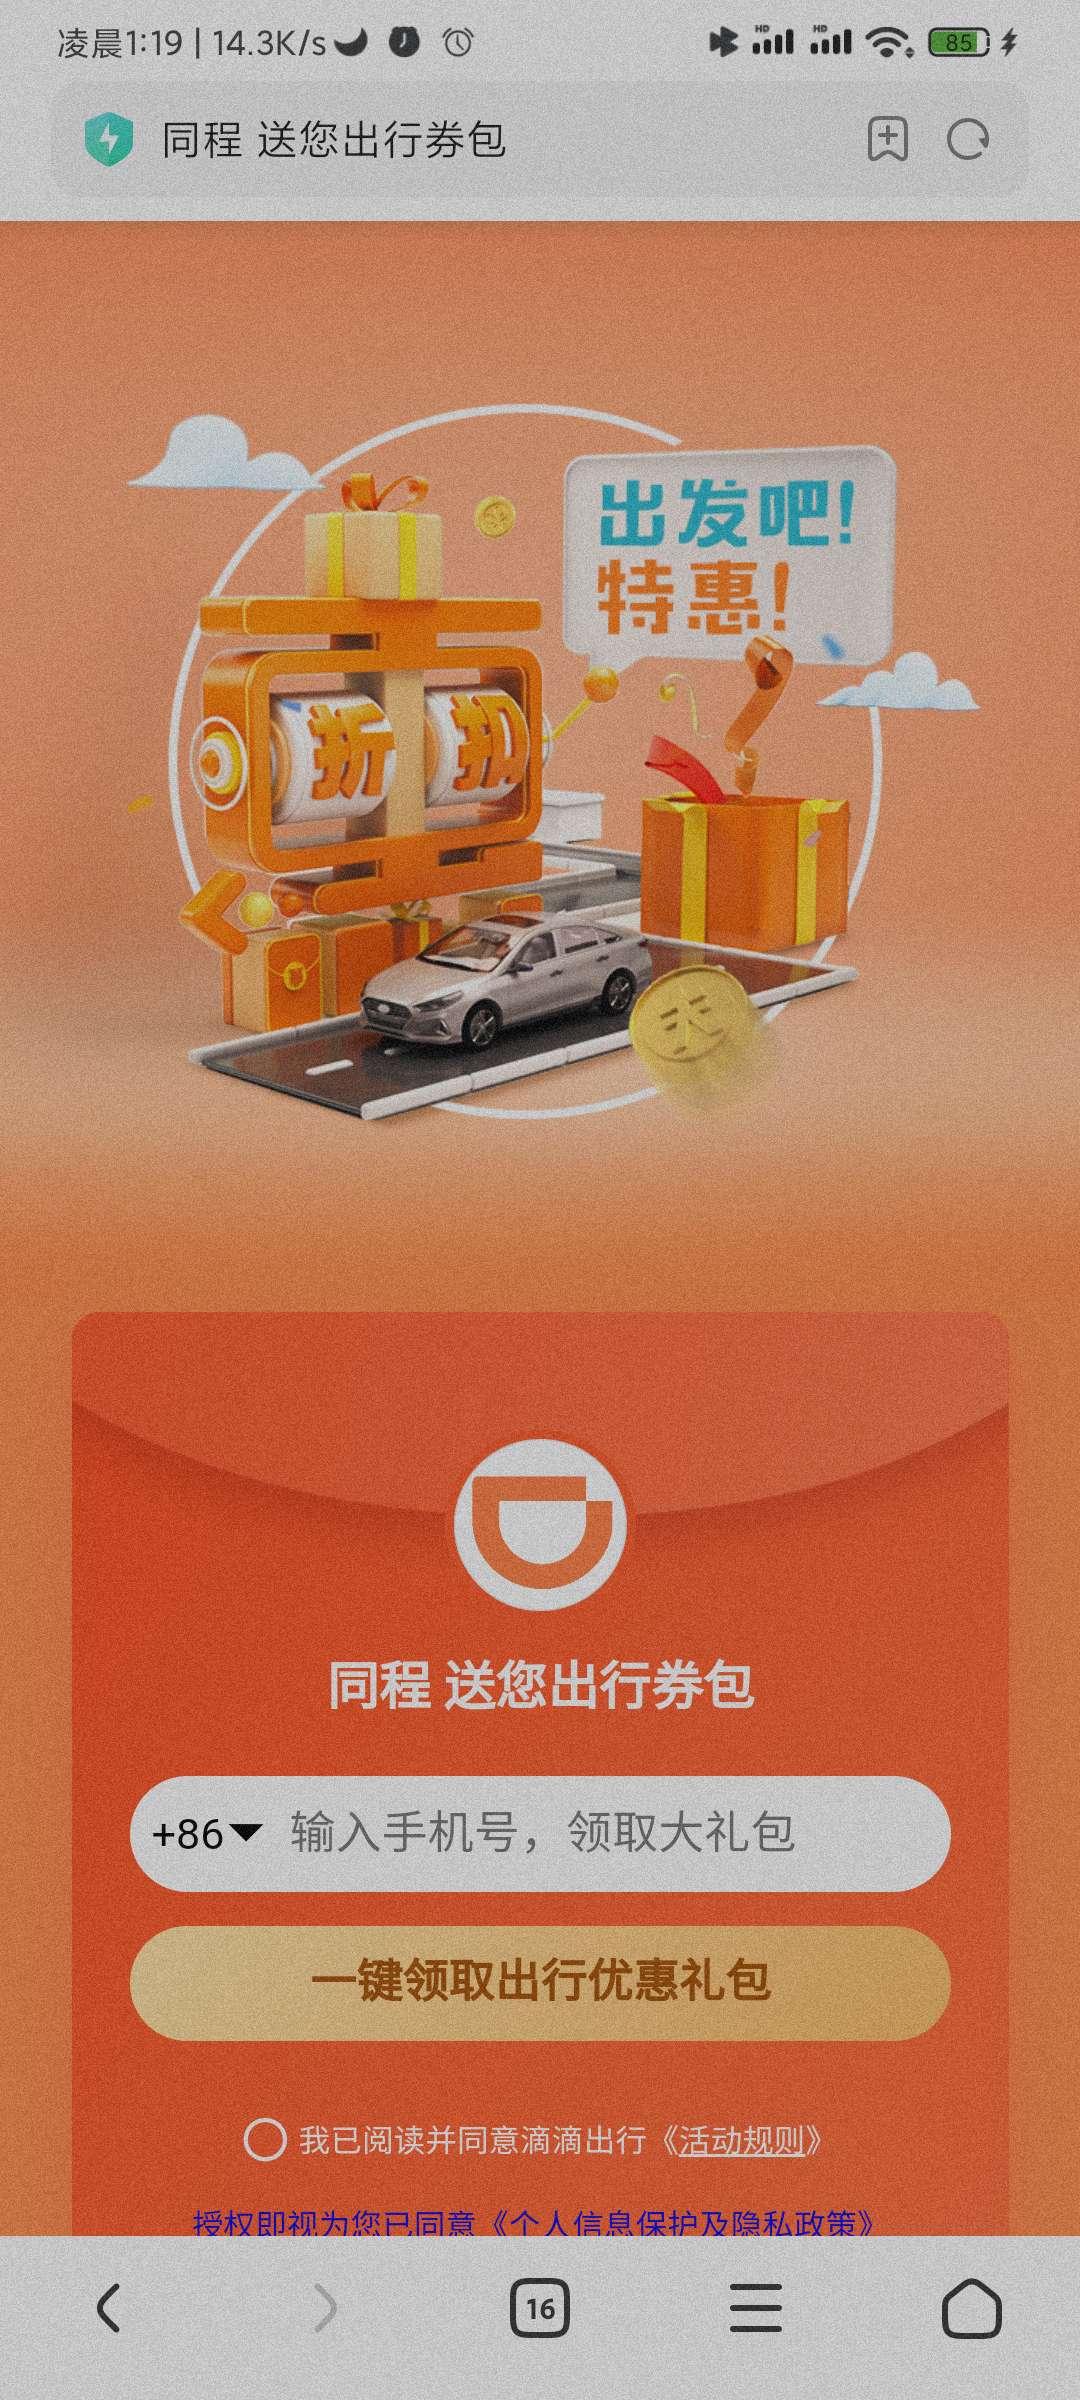 【虚拟物品】领滴滴5折打车券和快的新出租<b style=